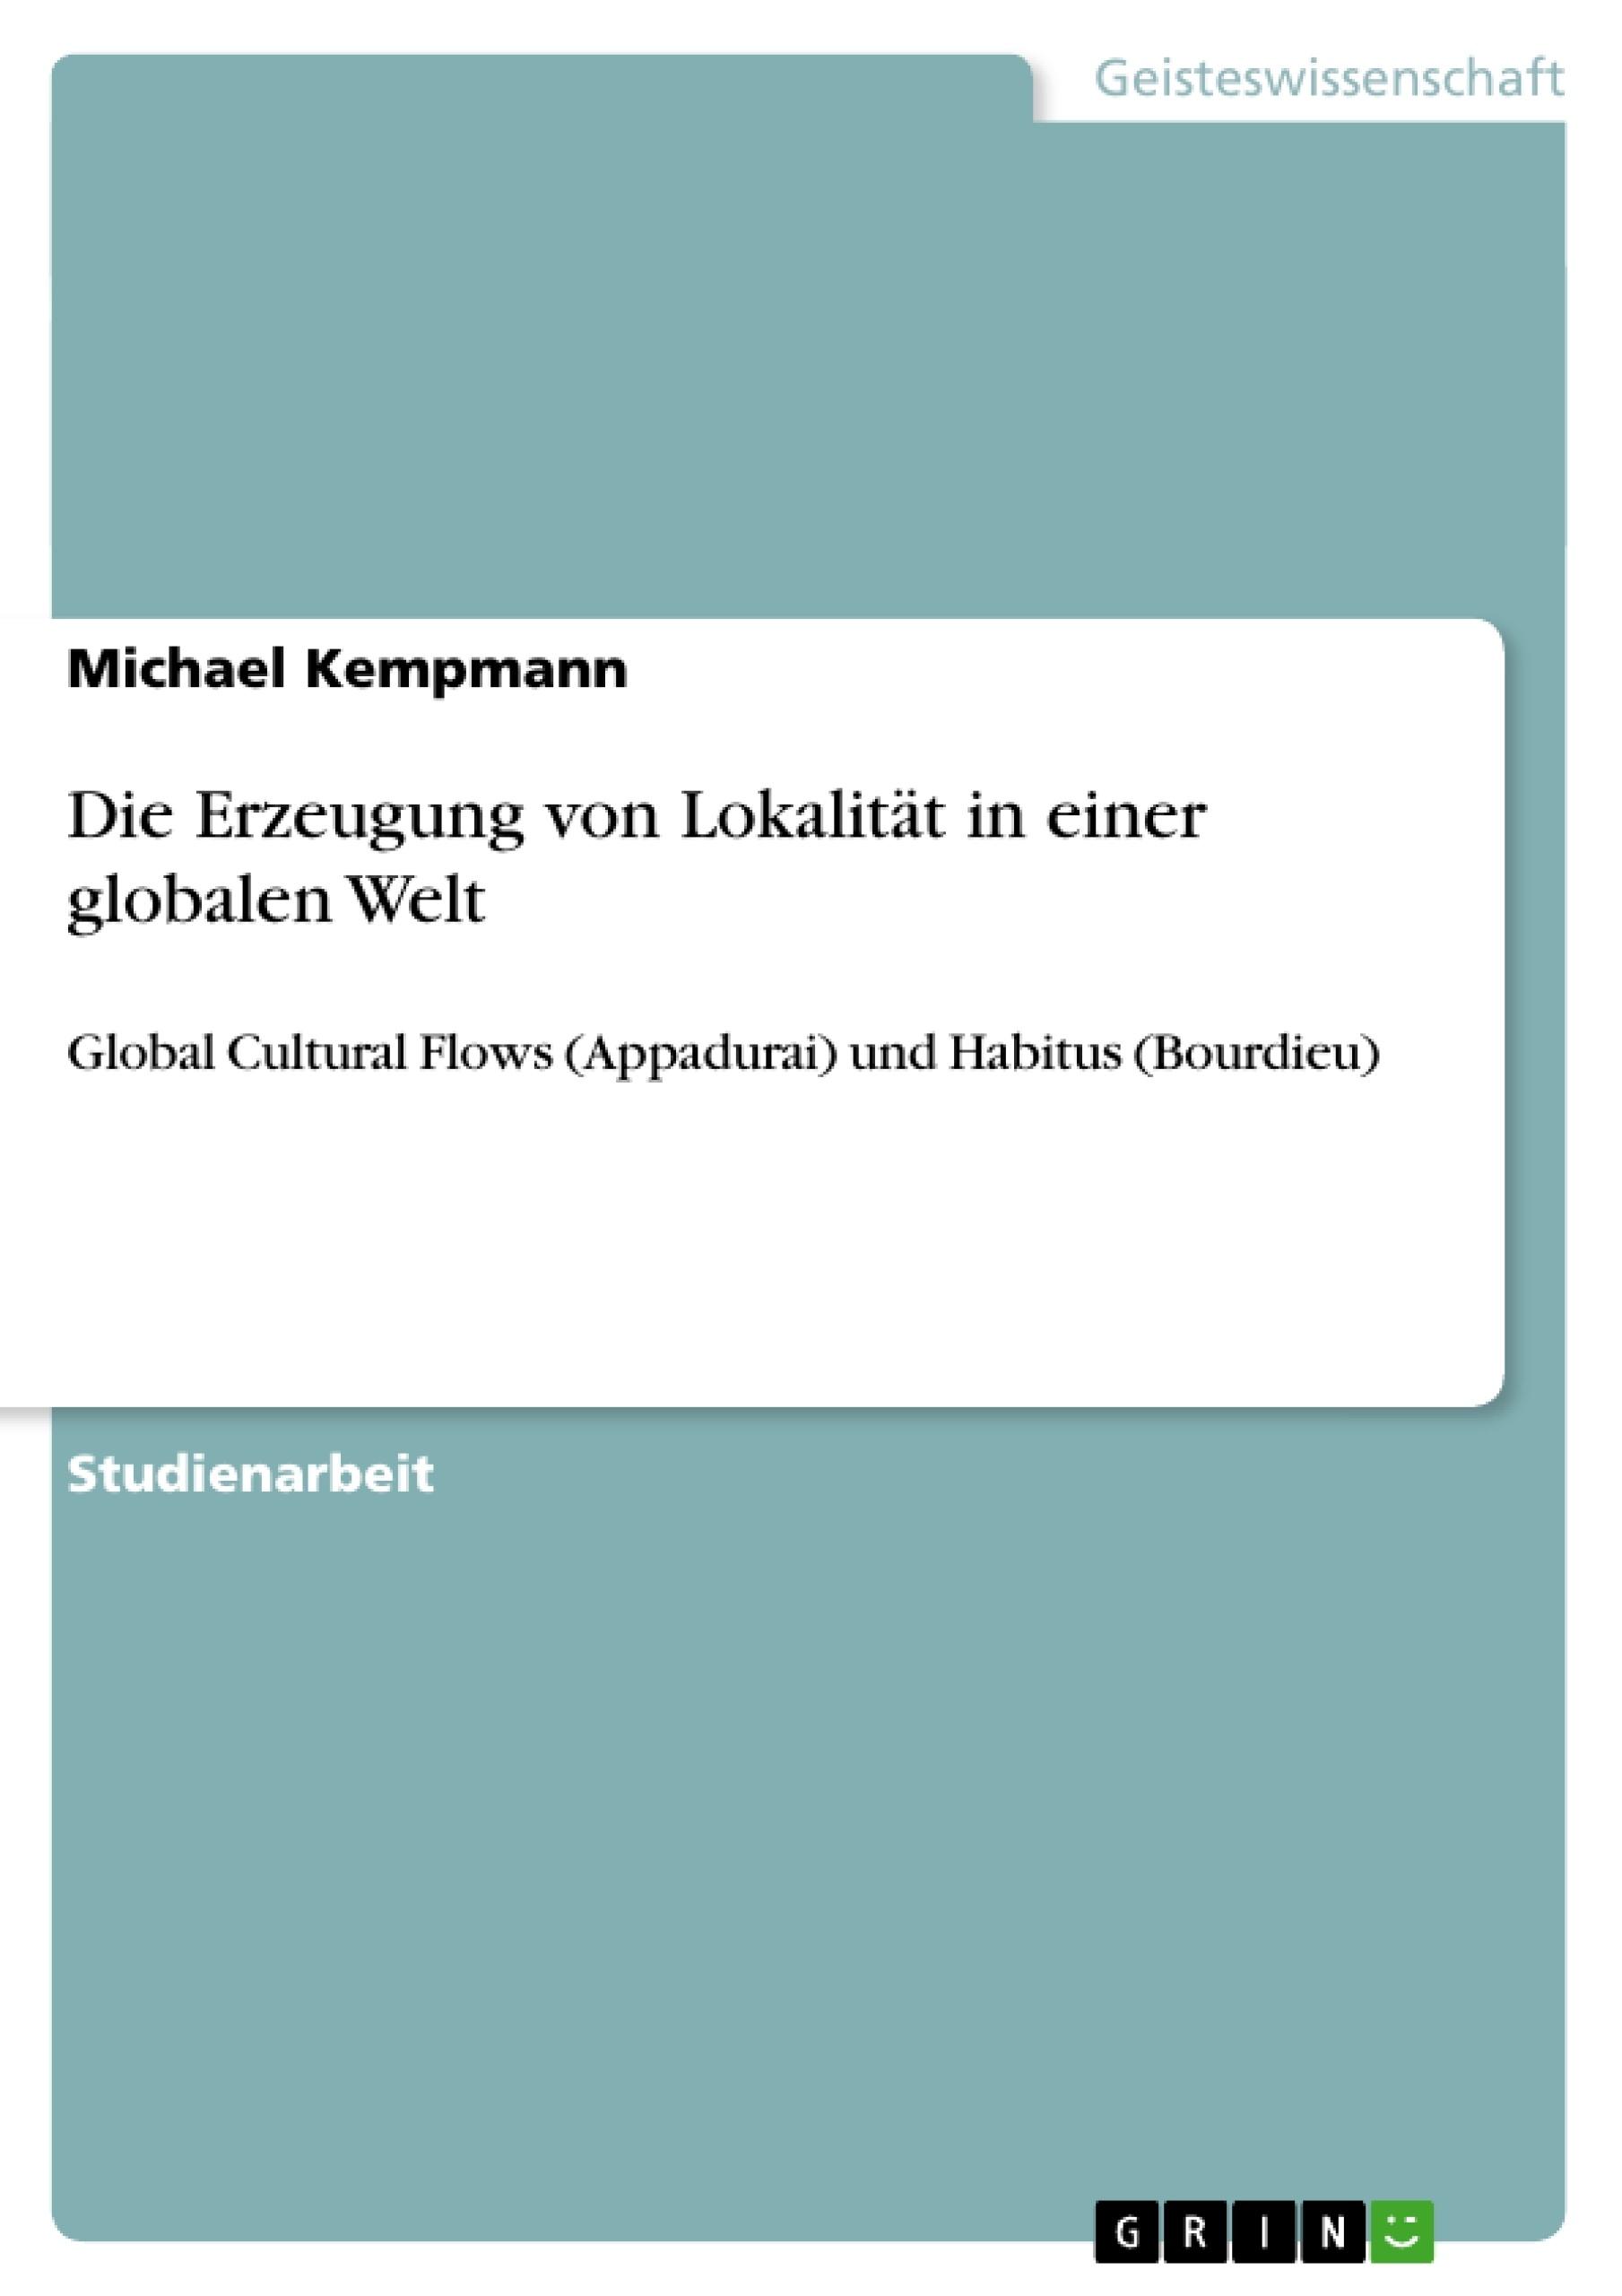 Titel: Die Erzeugung von Lokalität in einer globalen Welt